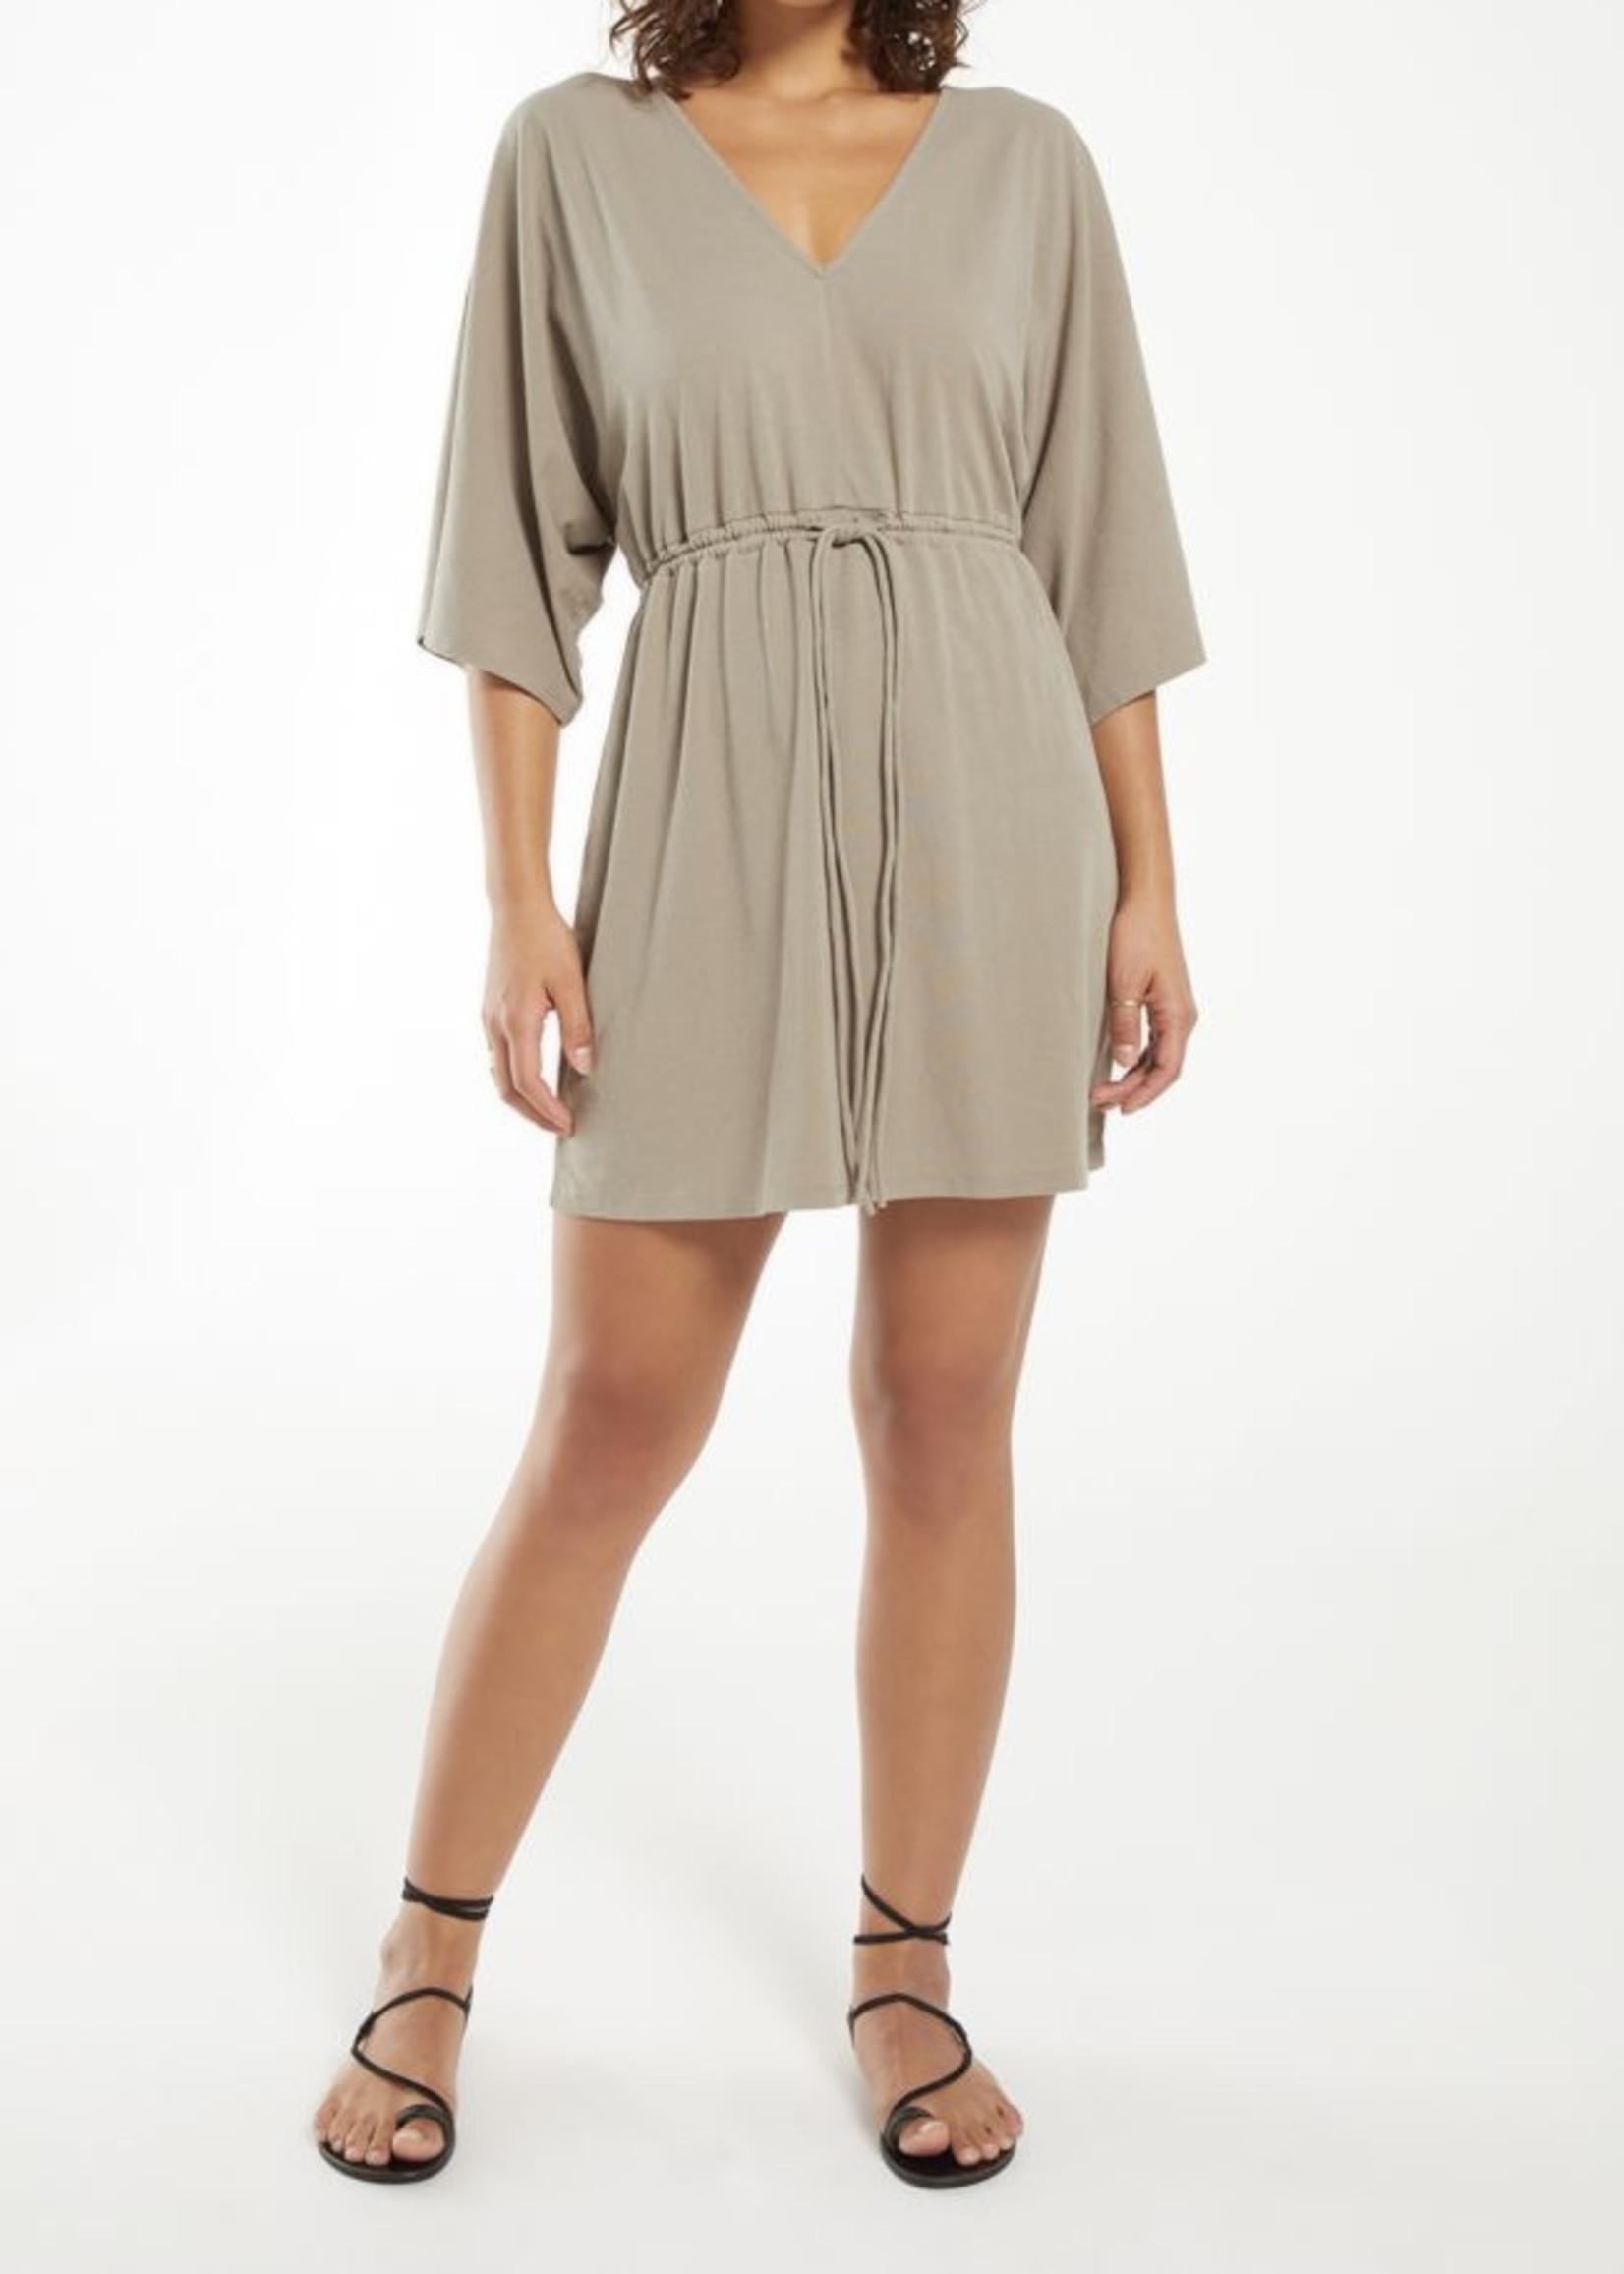 Z Supply ZS - Sydney V-Neck Dress